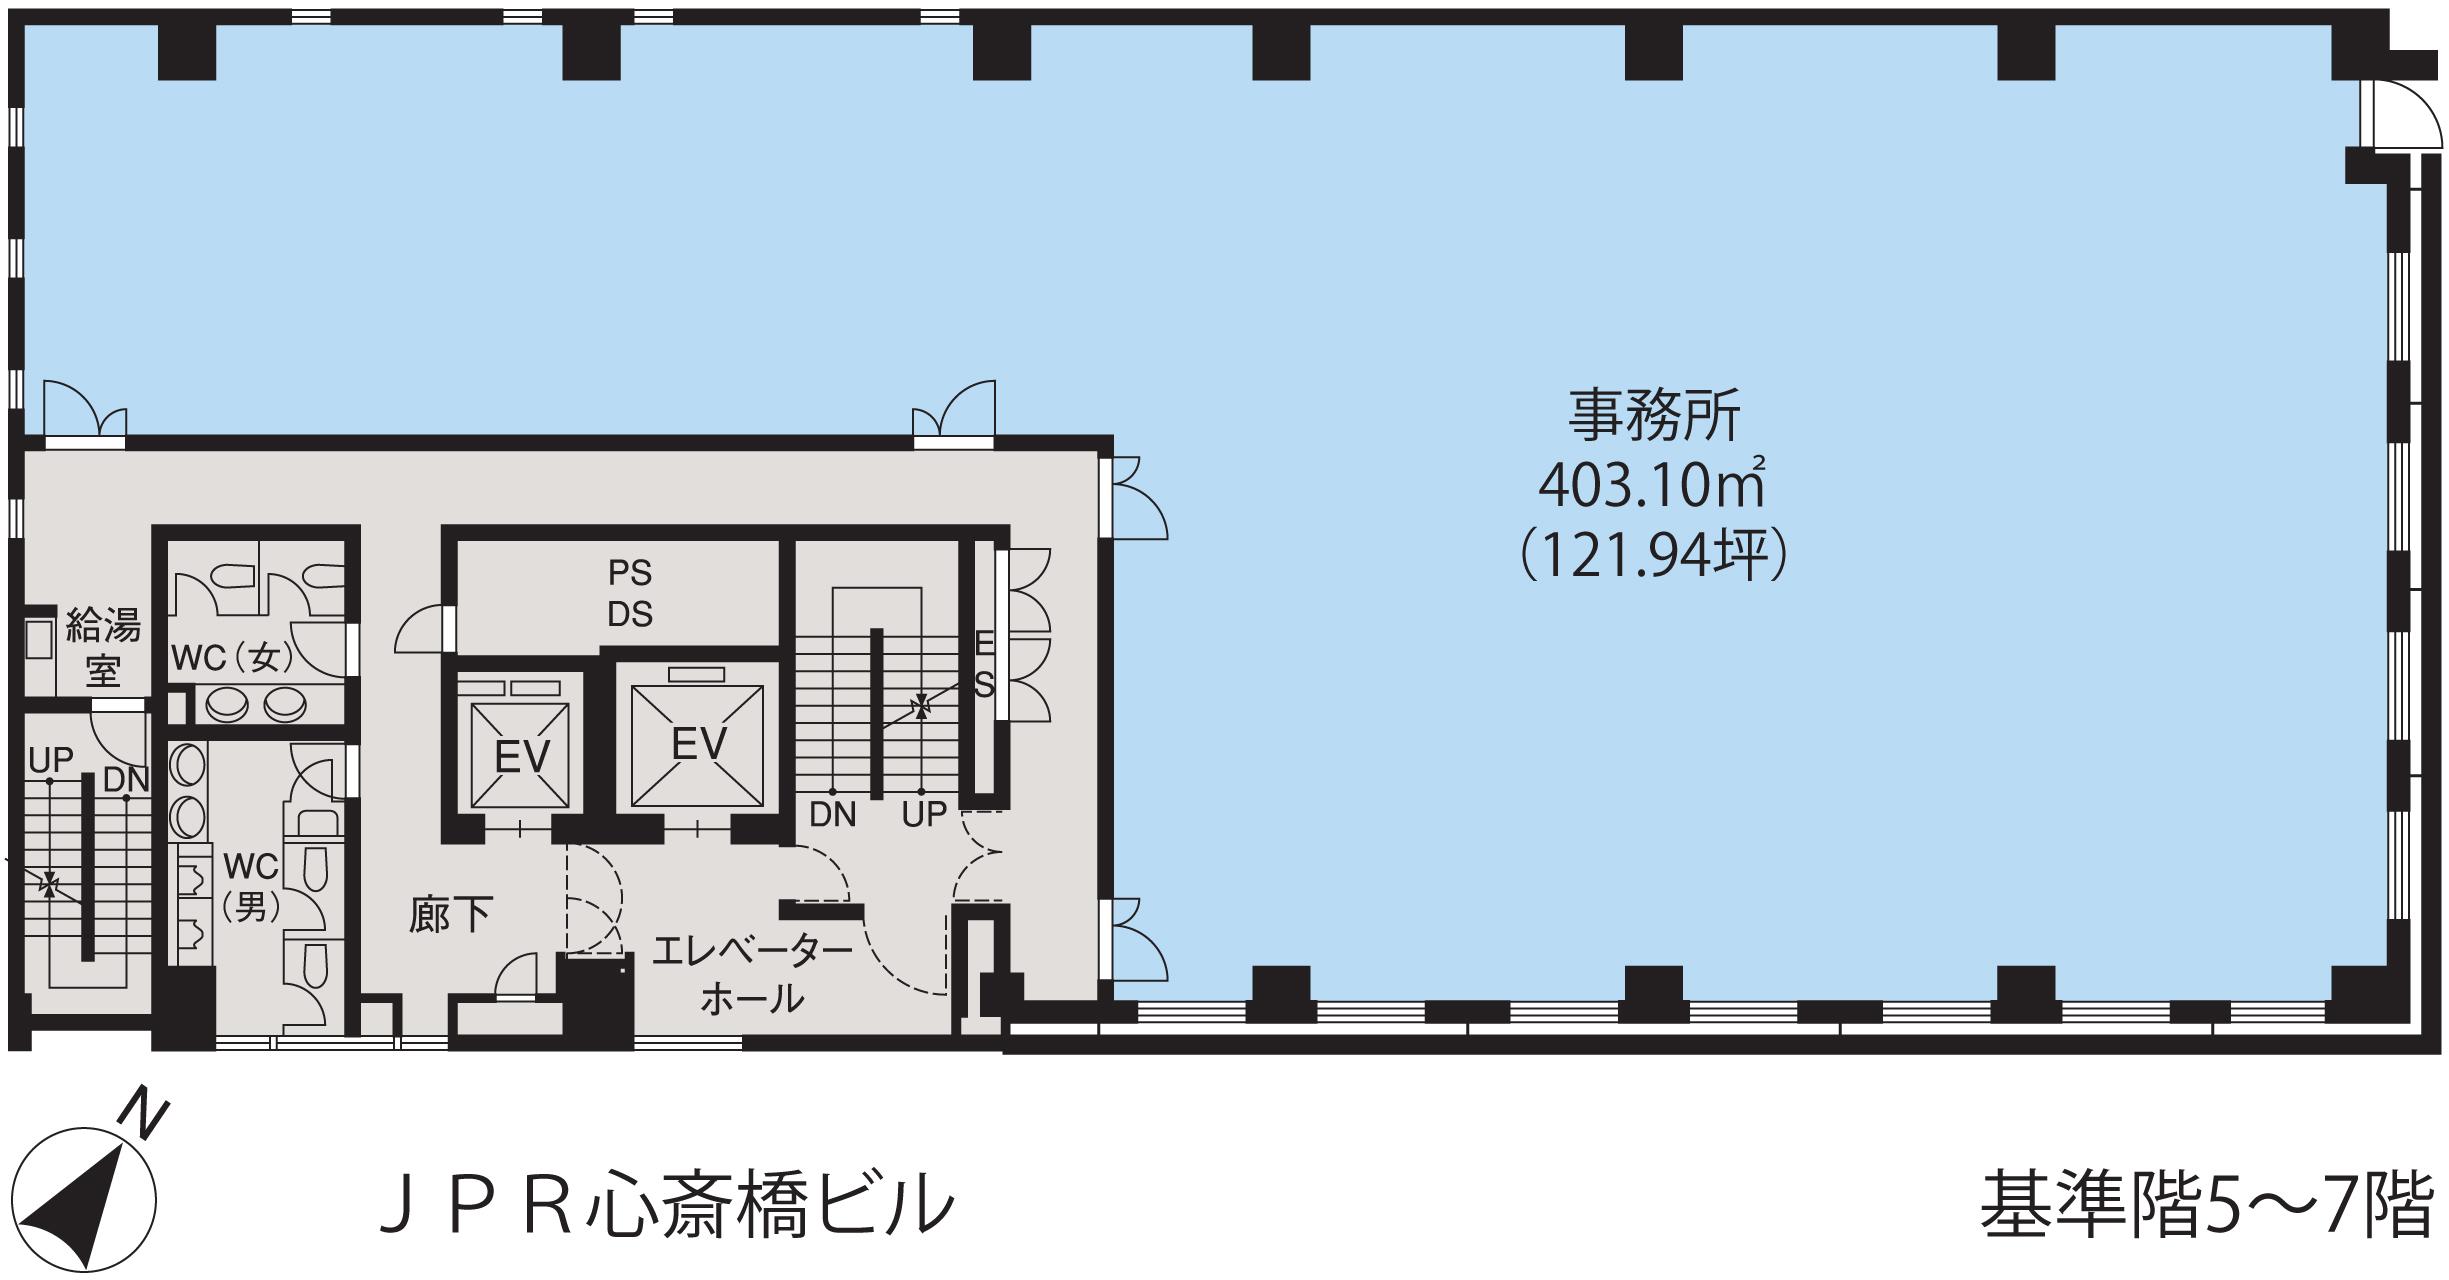 基準階(JPR心斎橋ビル基準階(5~7階)階)